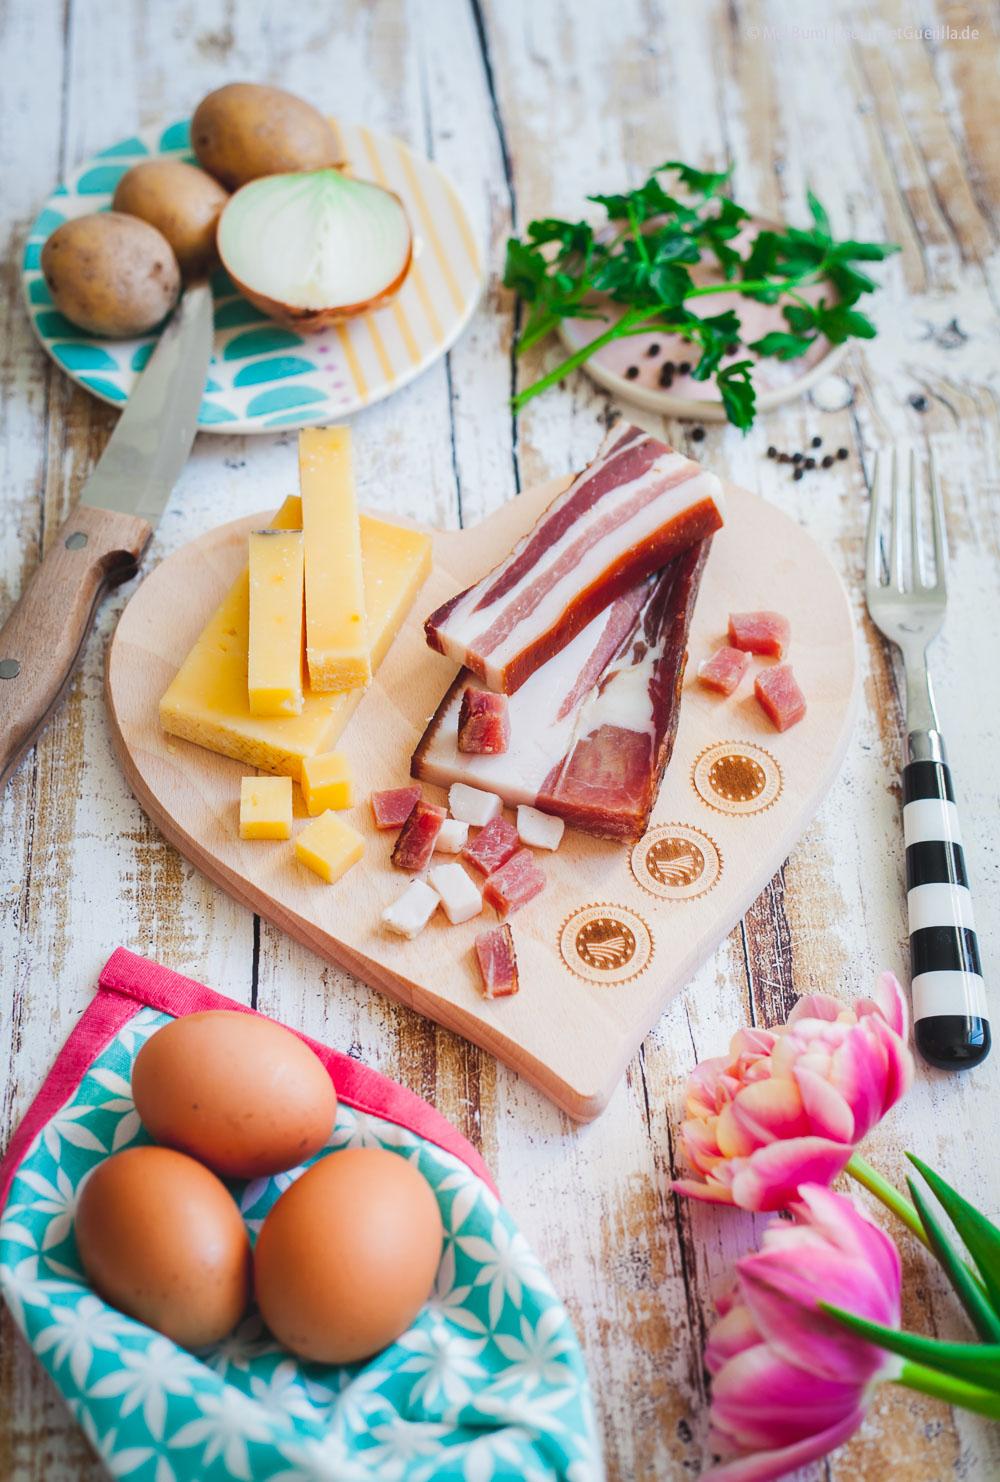 Gailtaler Friggapfandl mit Käse und Speck Kärntner Originalrezept Holffällerpfanne Österreich |GourmetGuerilla.de